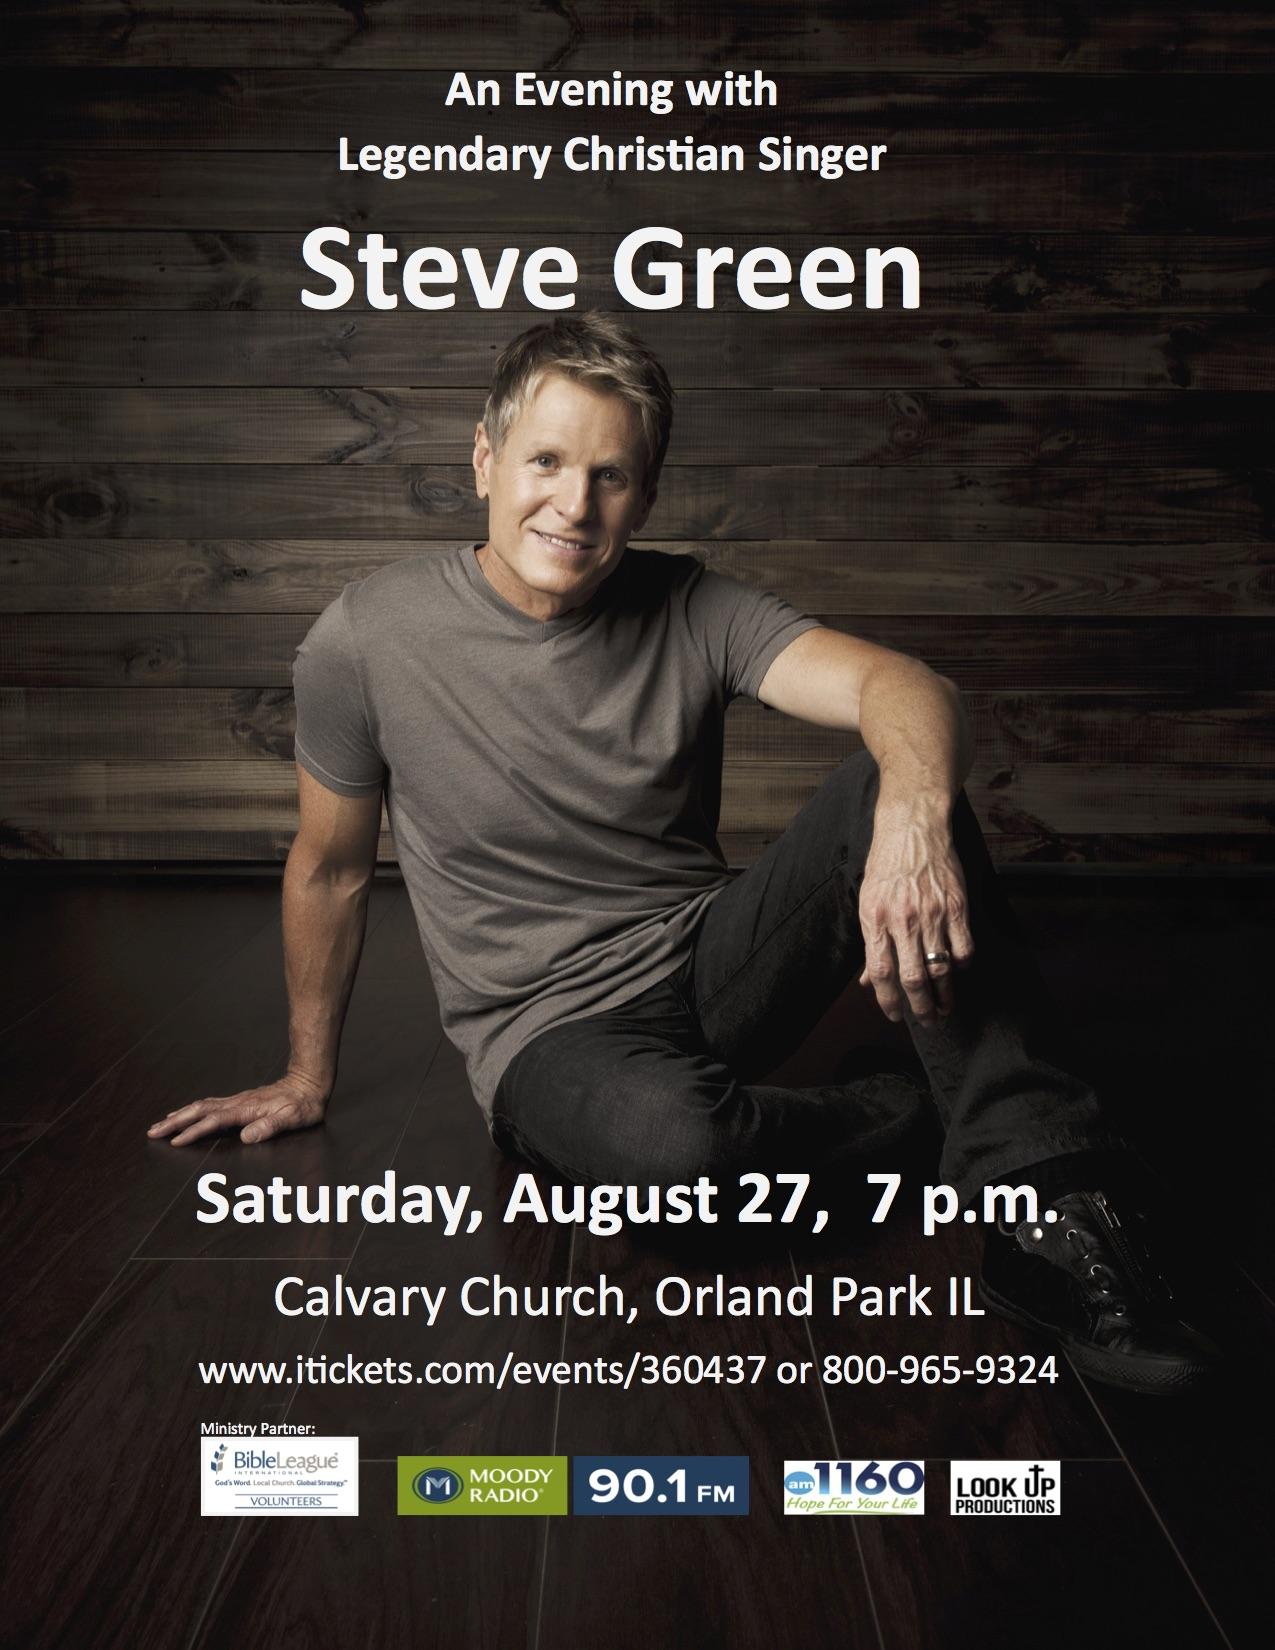 Steve Green Concert Poster-2.jpg